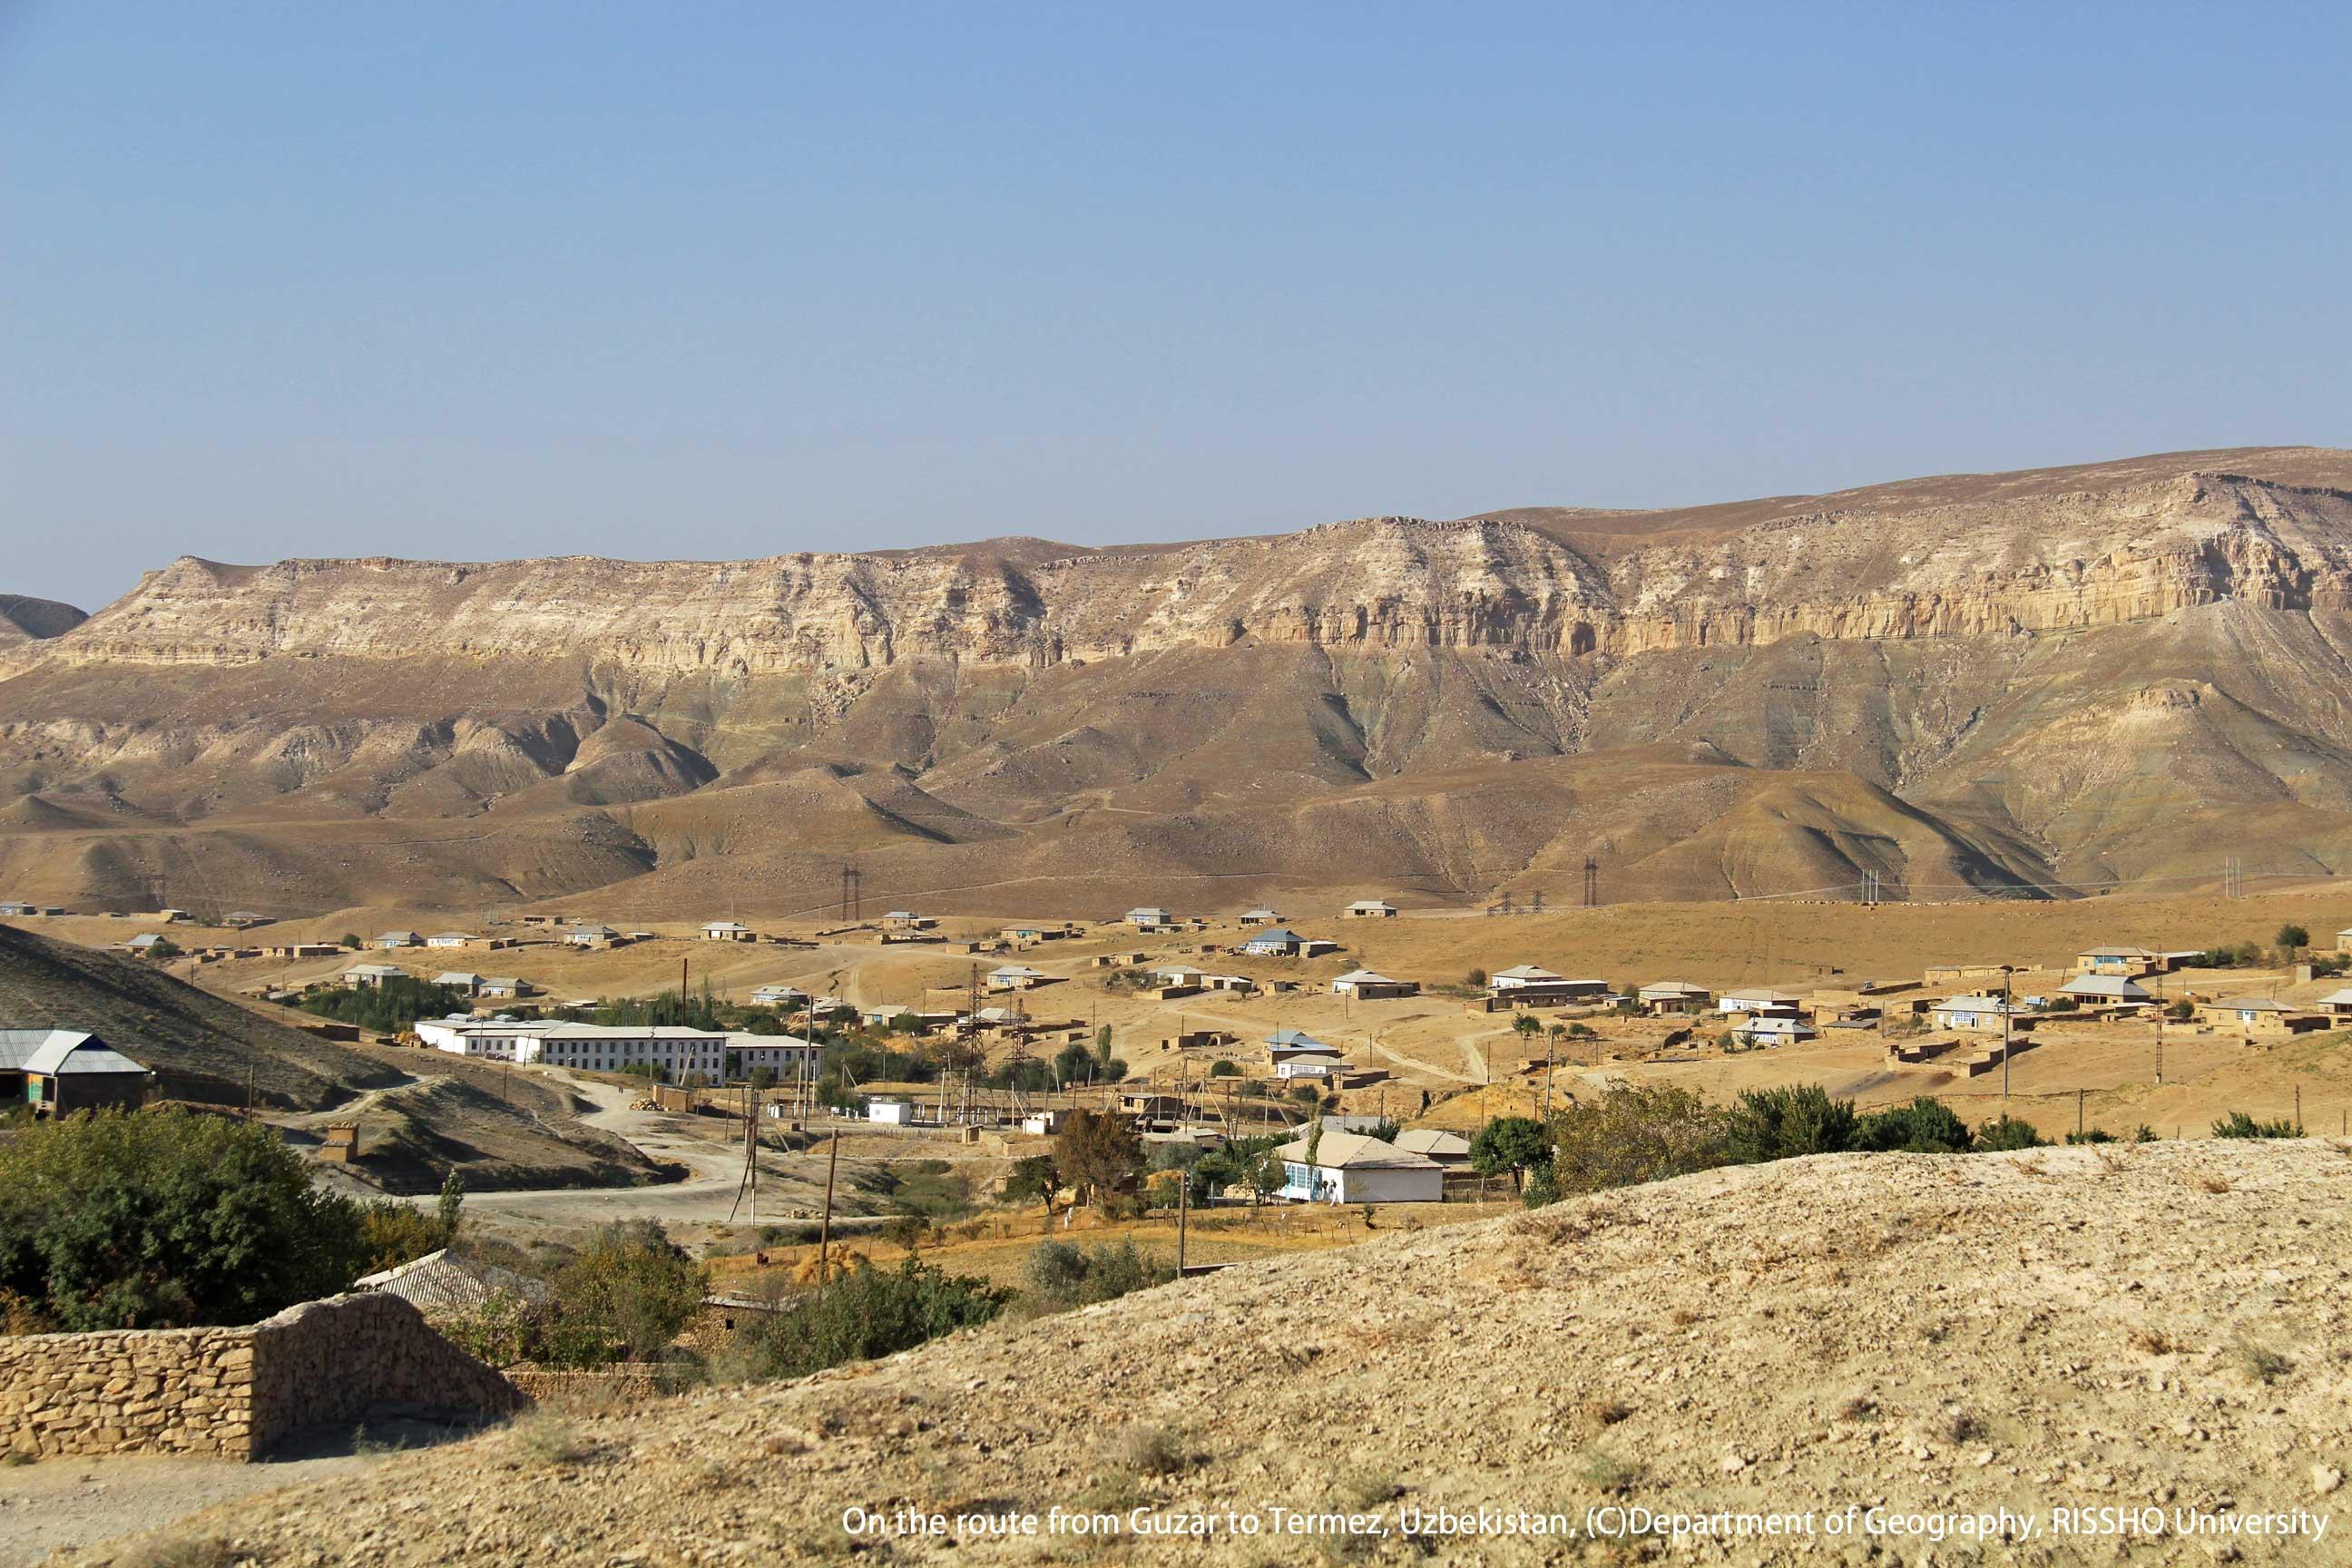 ウズベキスタン,玄奘三蔵も見た乾燥地域の山岳地帯の風景